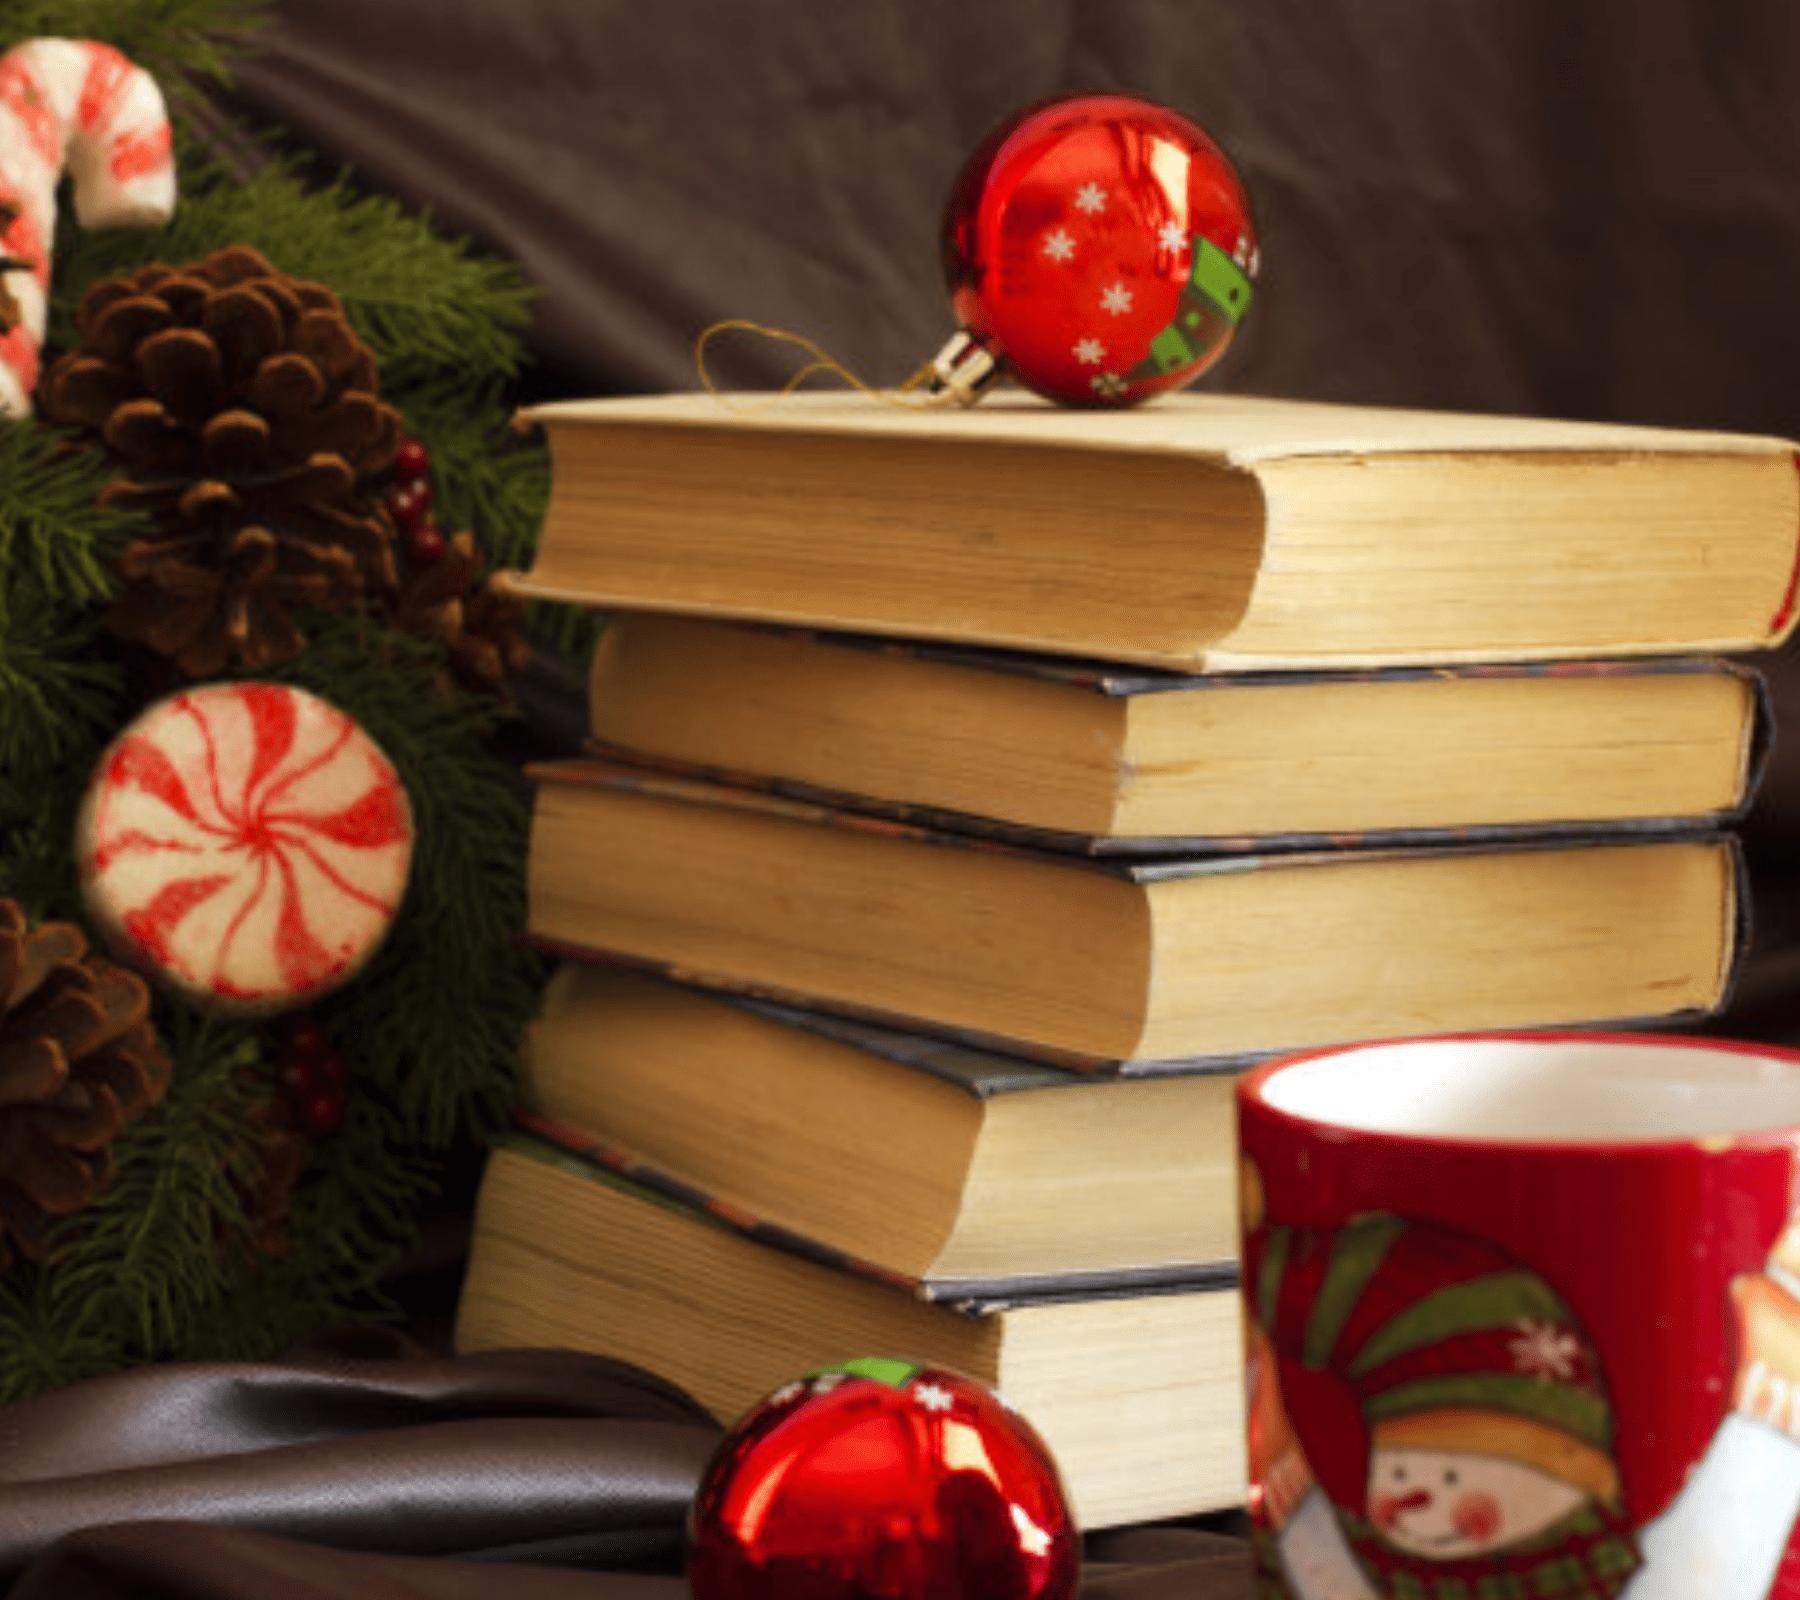 Libros apilados con decoración navideña